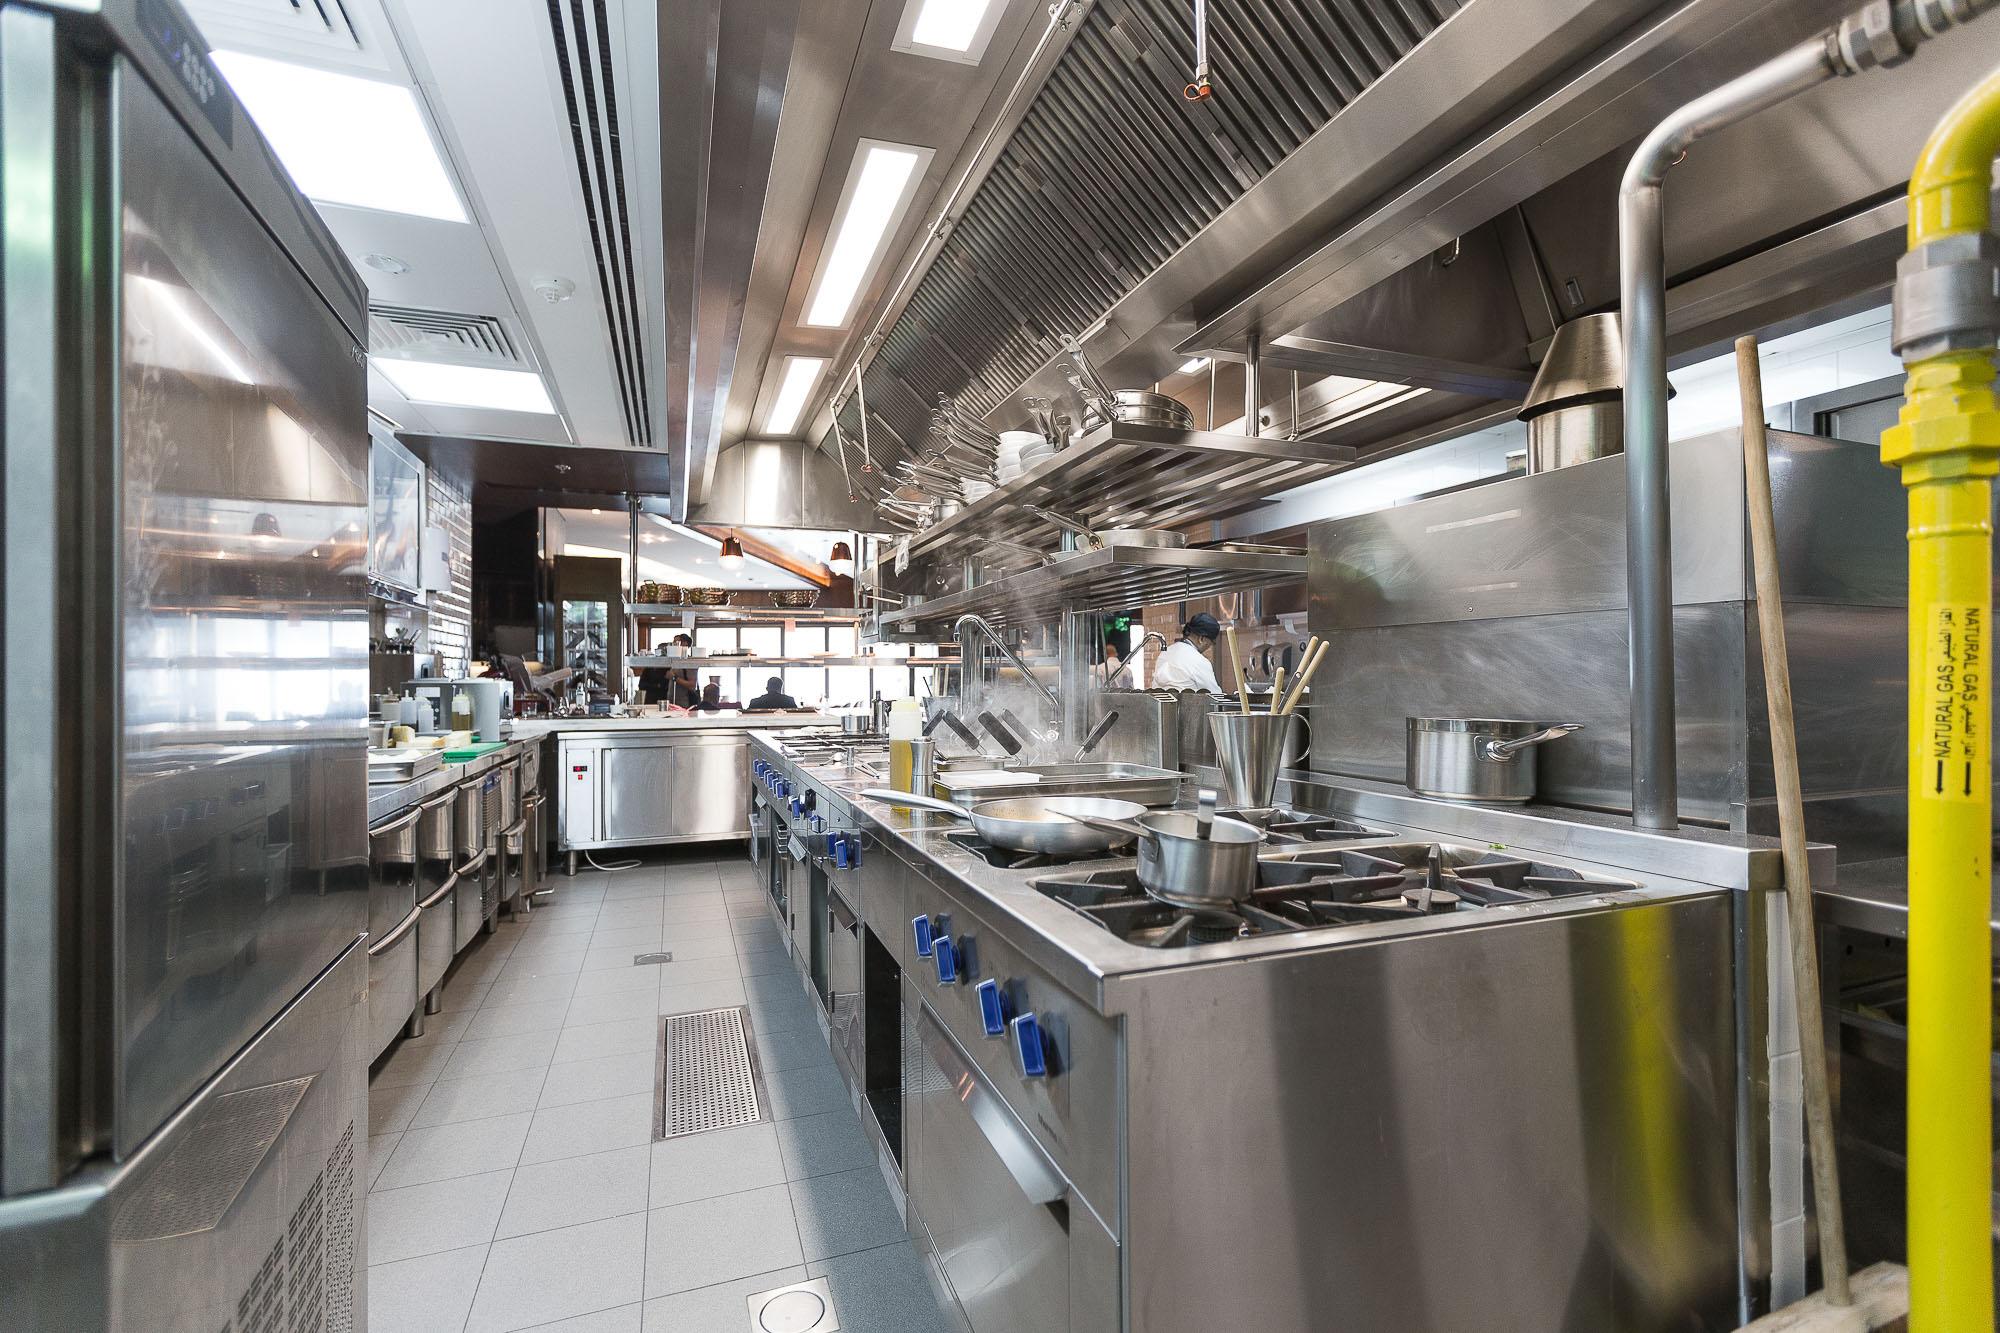 italia_kitchen_robertos_abu_dhabi_30